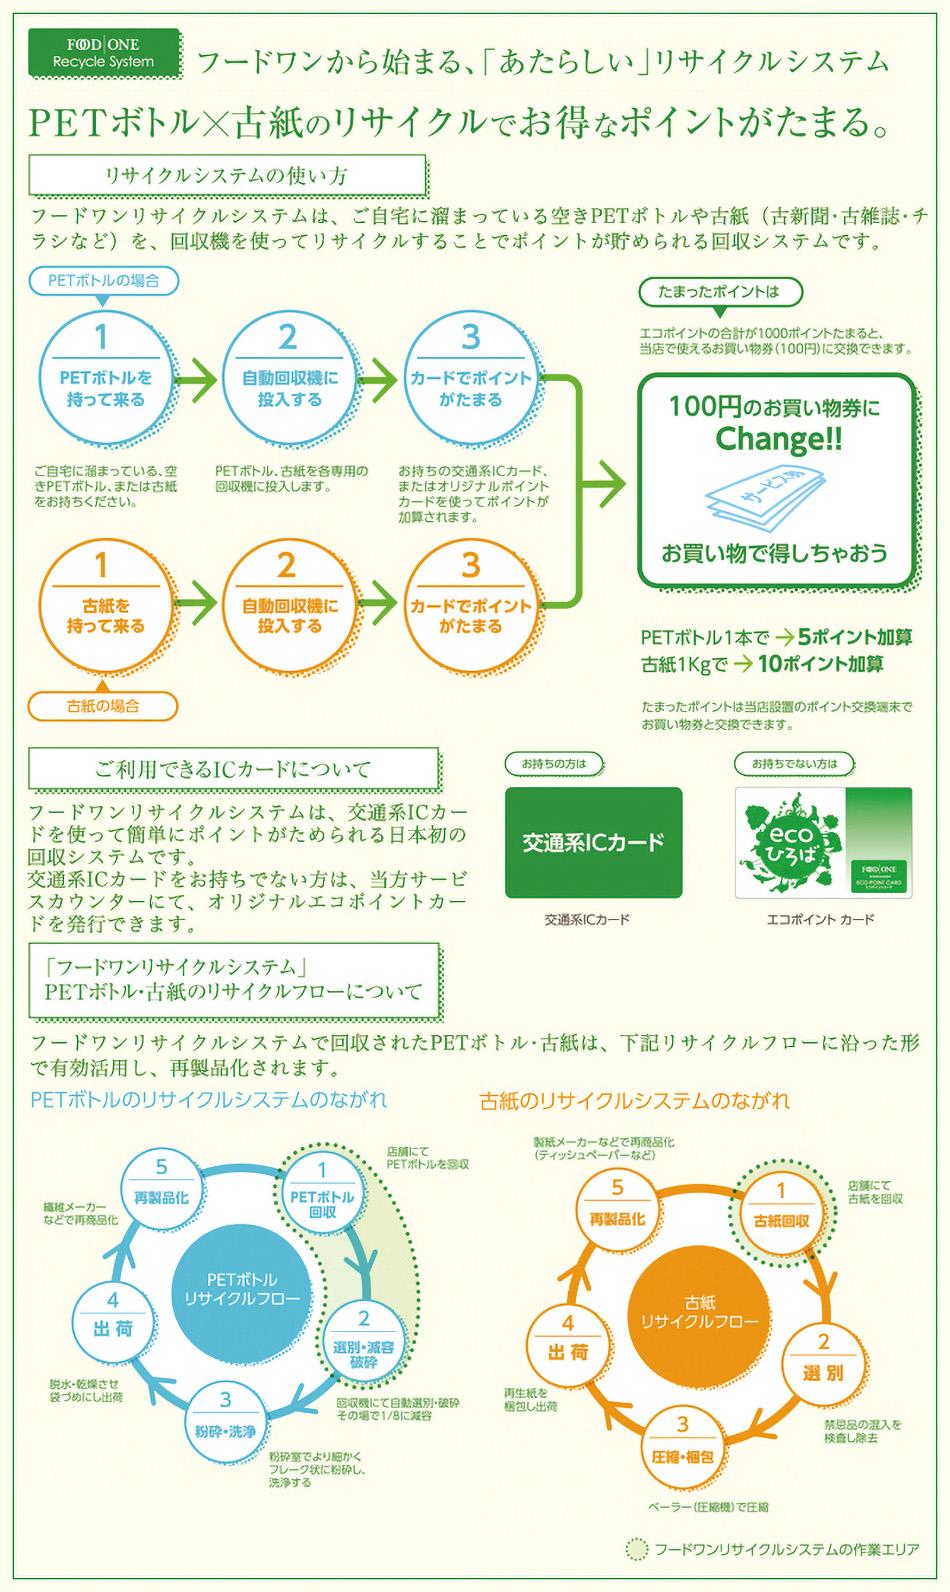 フードワンから始まる、「あたらしい」リサイクルシステム